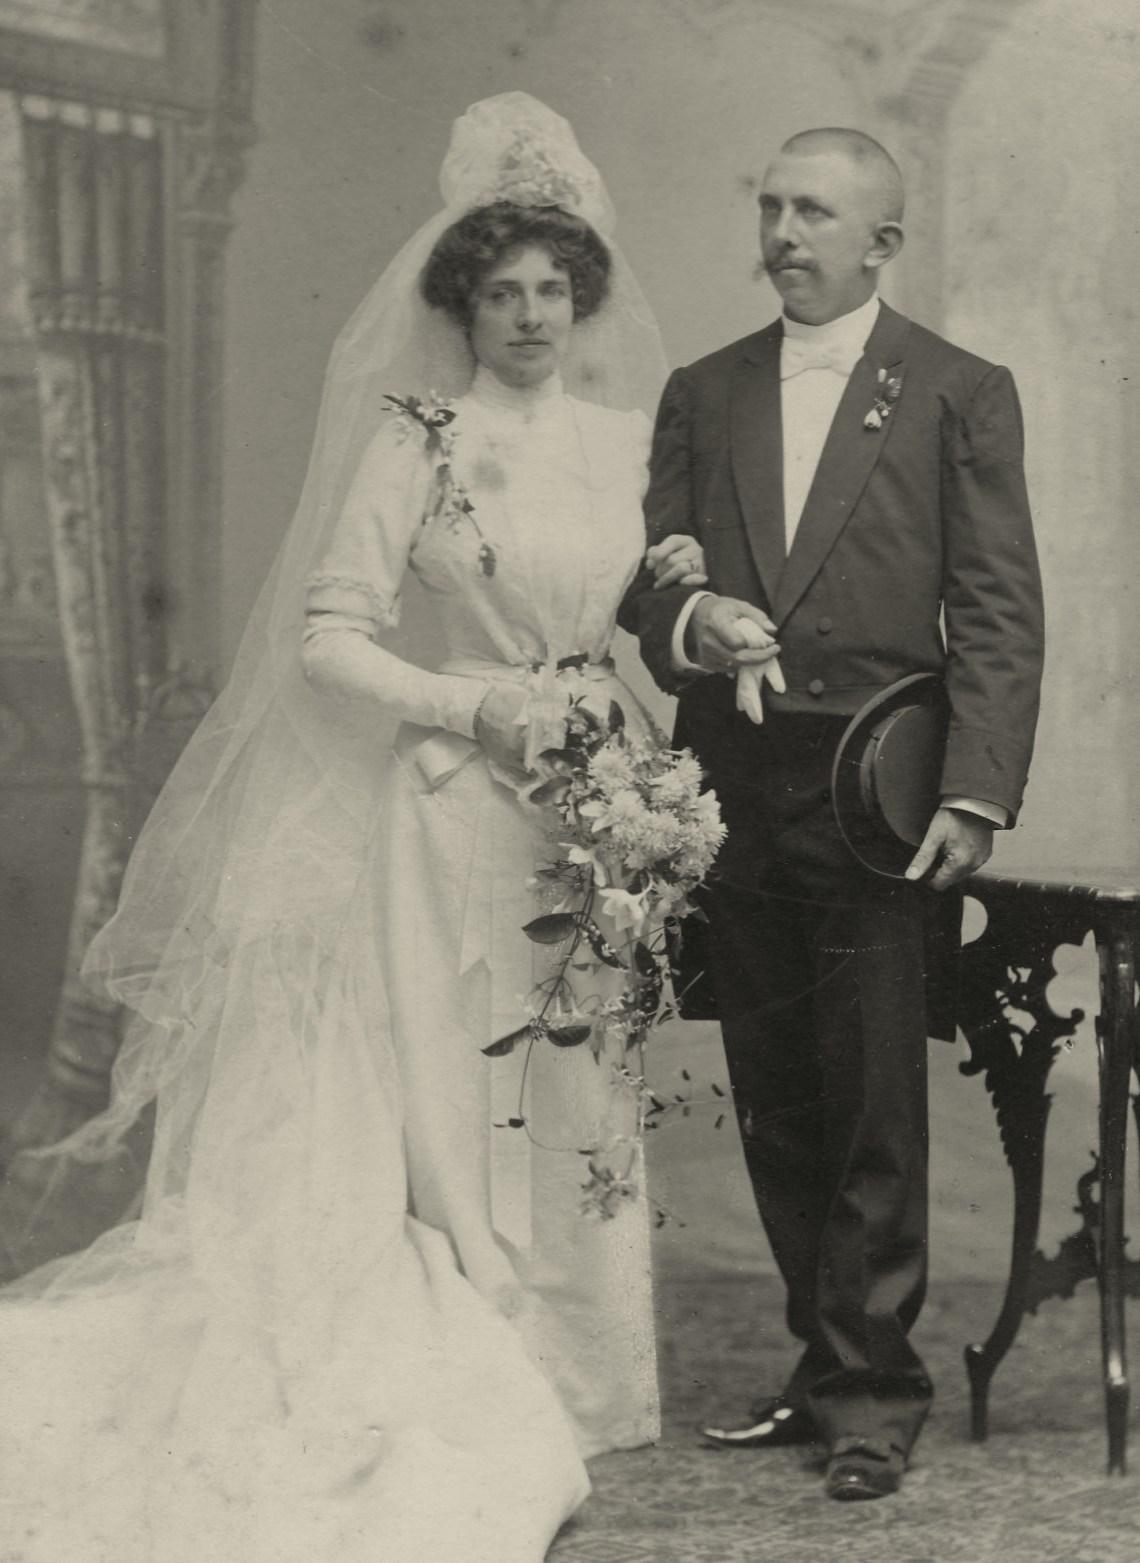 Les parents de Julie en 1901: Julie Frédérique Louise von Boddien (1863-1961) et Peter Jan van der Veen (1864-1923), administrateur de la sucrerie Soekowidi à Java Est